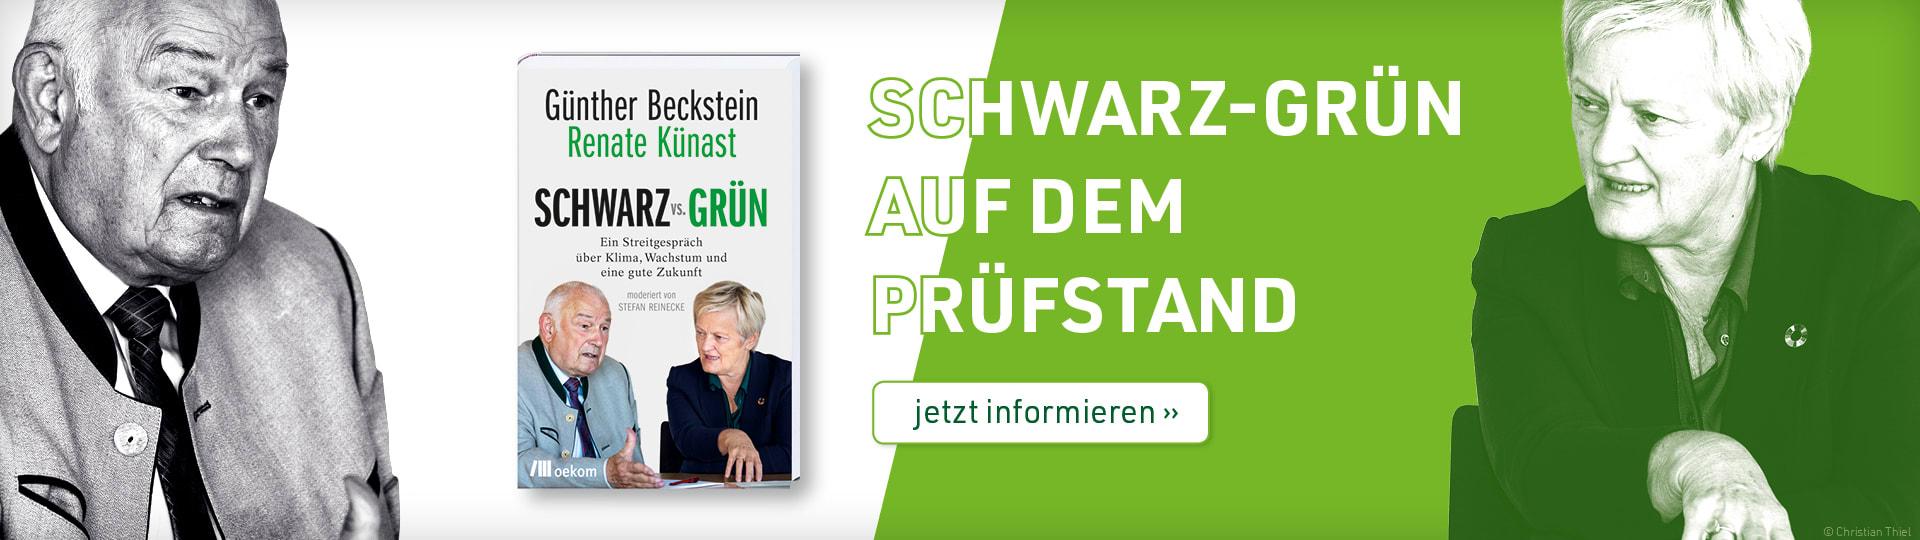 Werbebanner zum Buch »SCHWARZ vs. GRÜN« von Günther Beckstein und Renate Künast